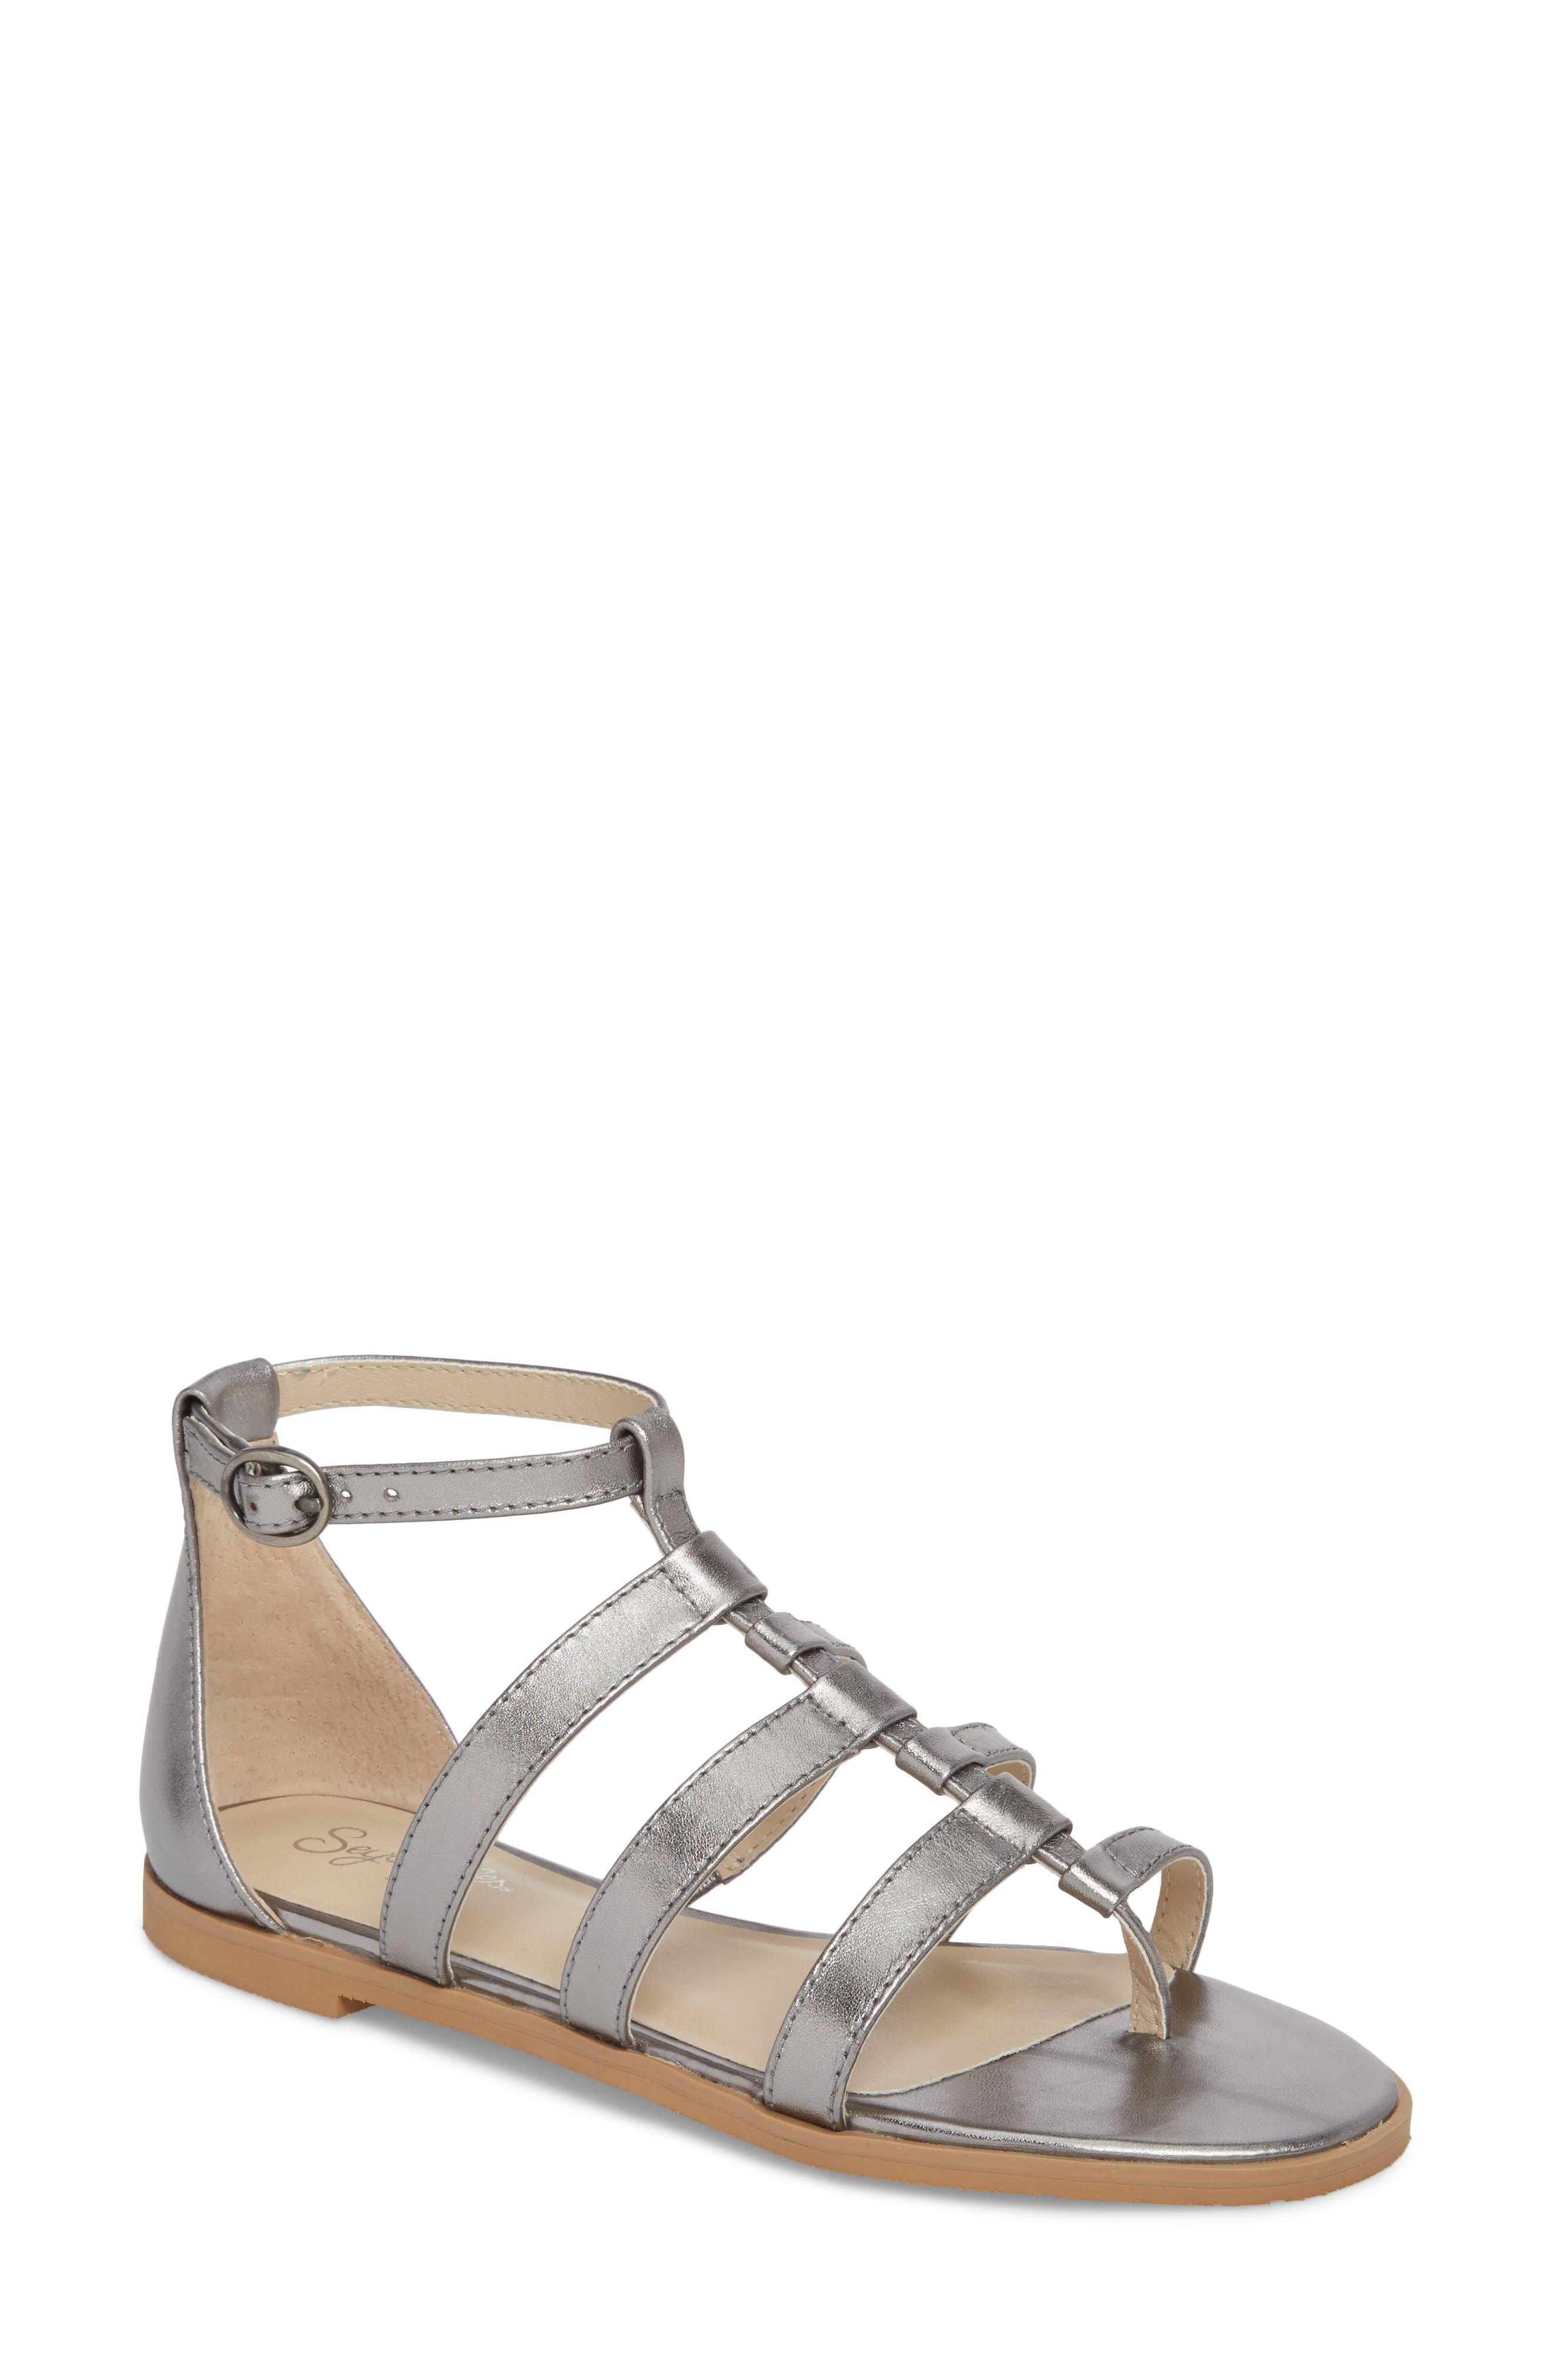 Contribution Sandal,                         Main,                         color, 040